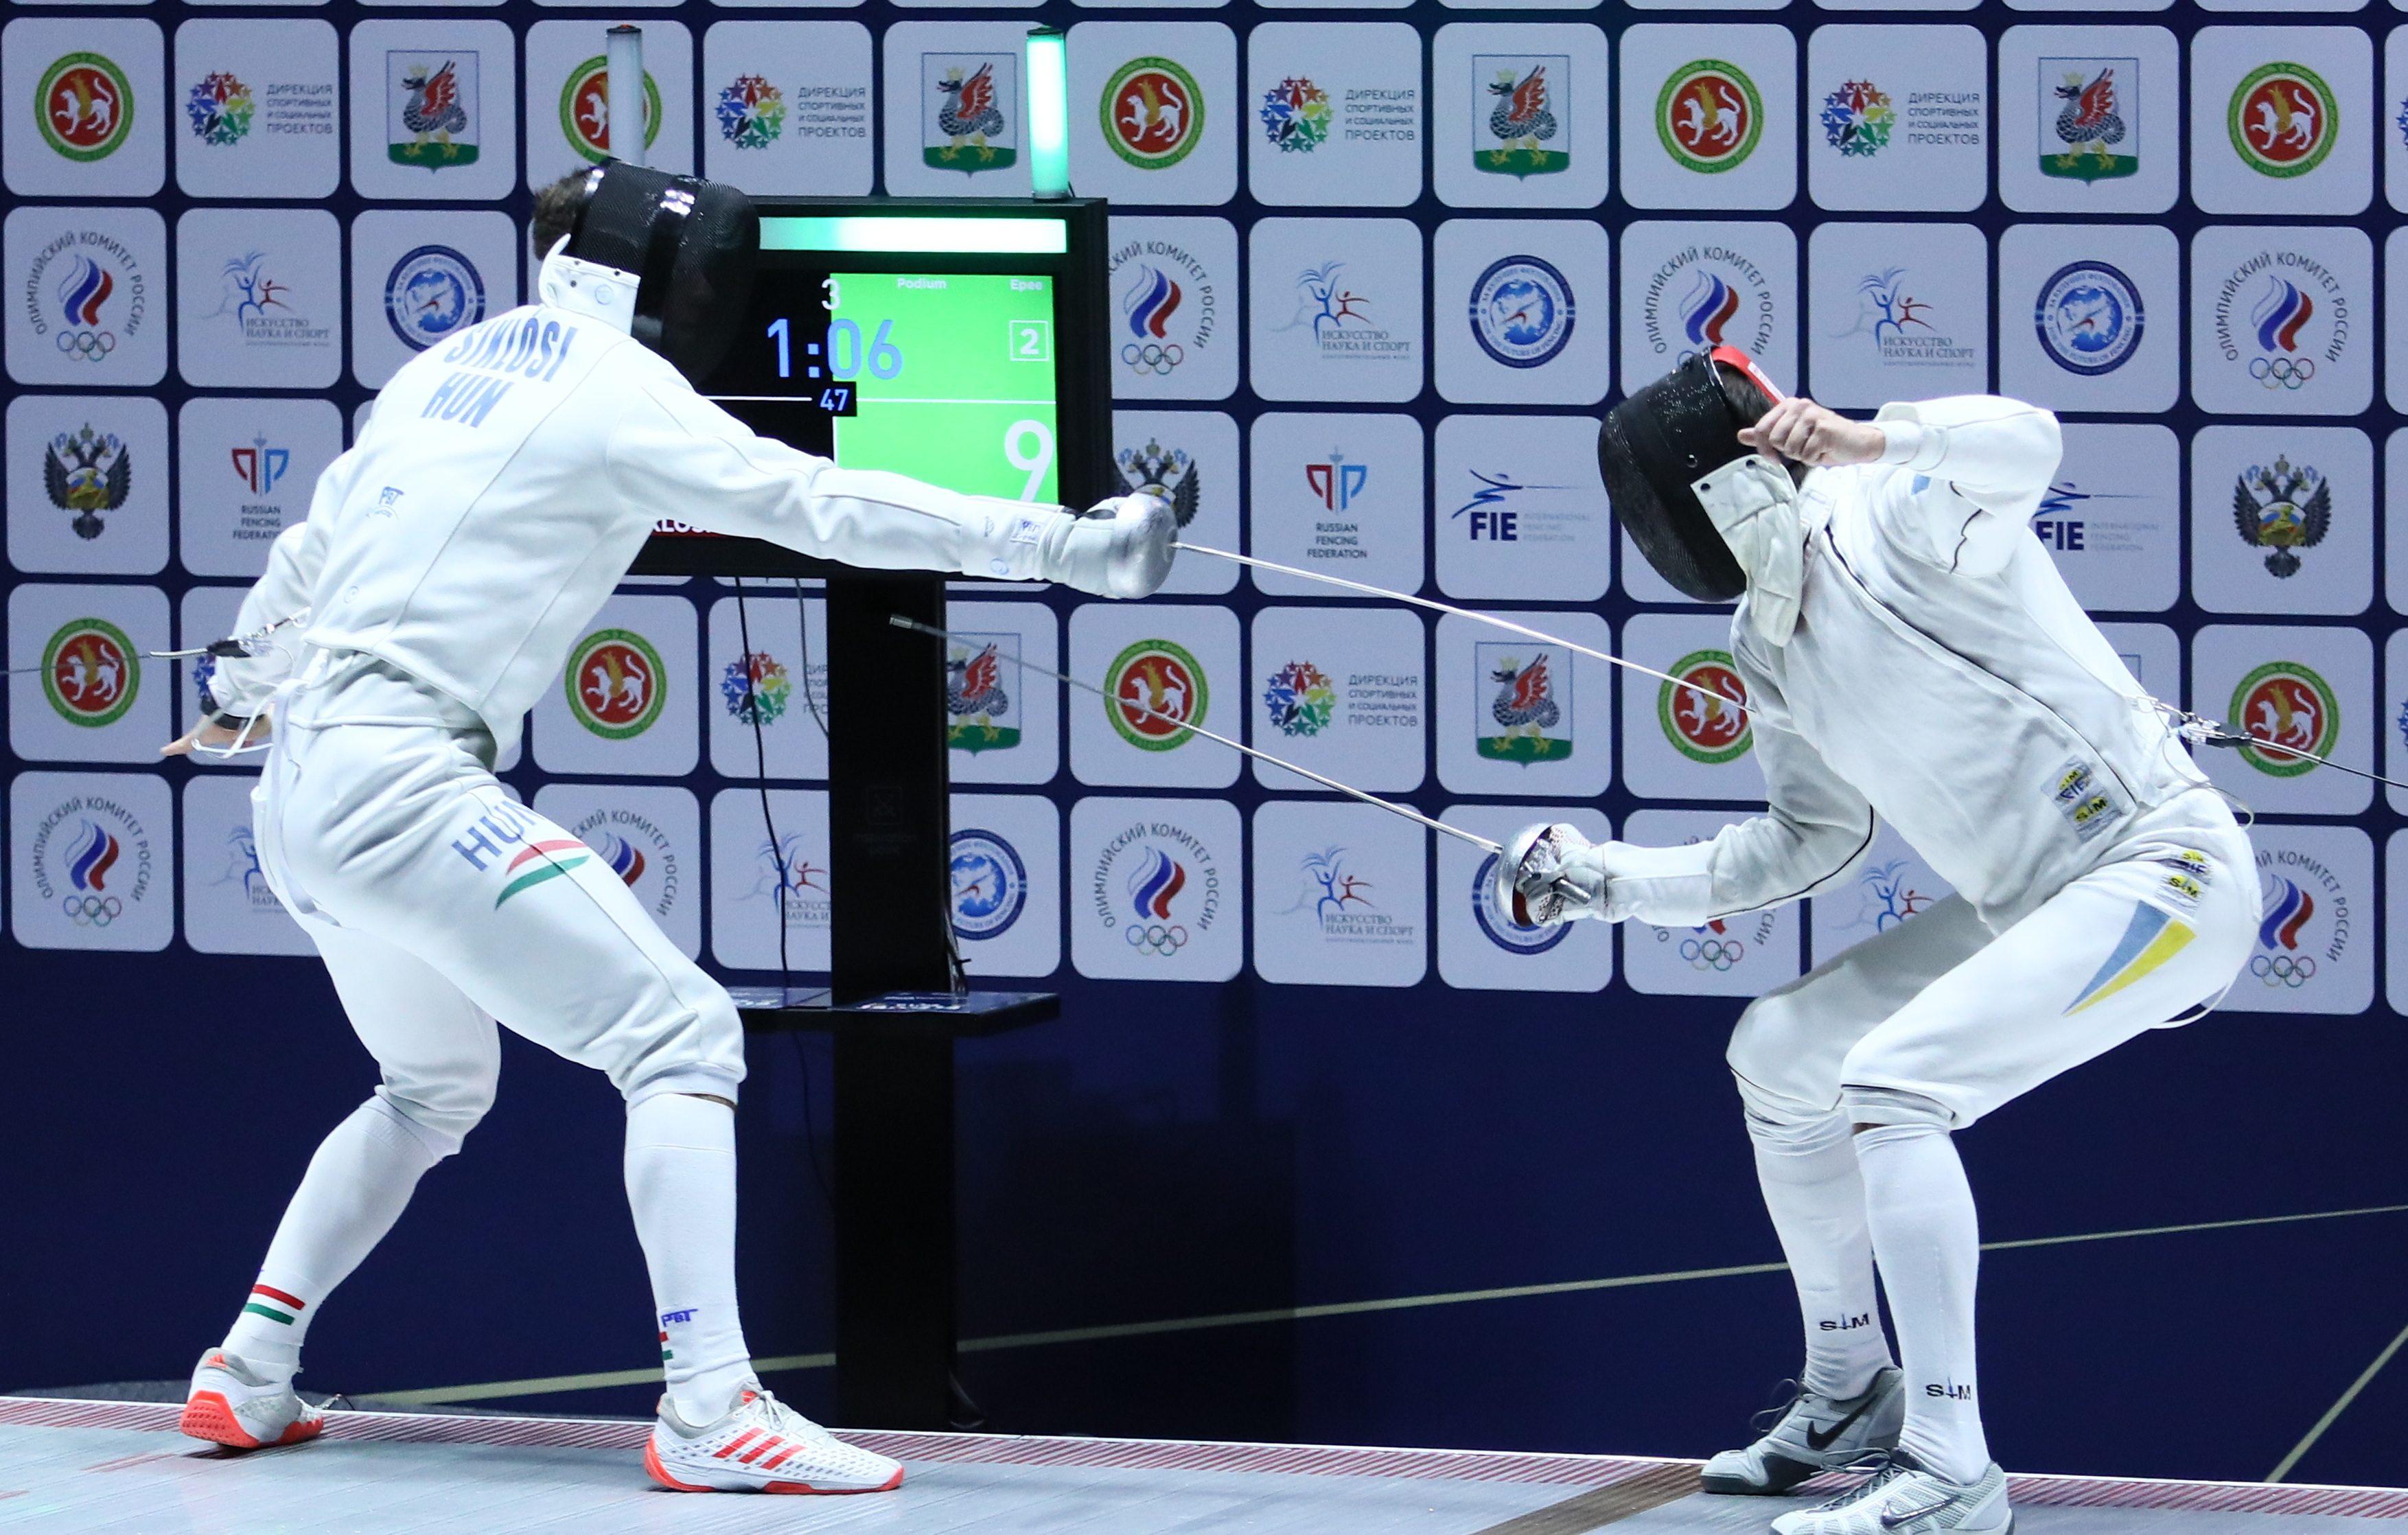 Игорь Рейзлин победил в личных соревнованиях по фехтованию в Казани